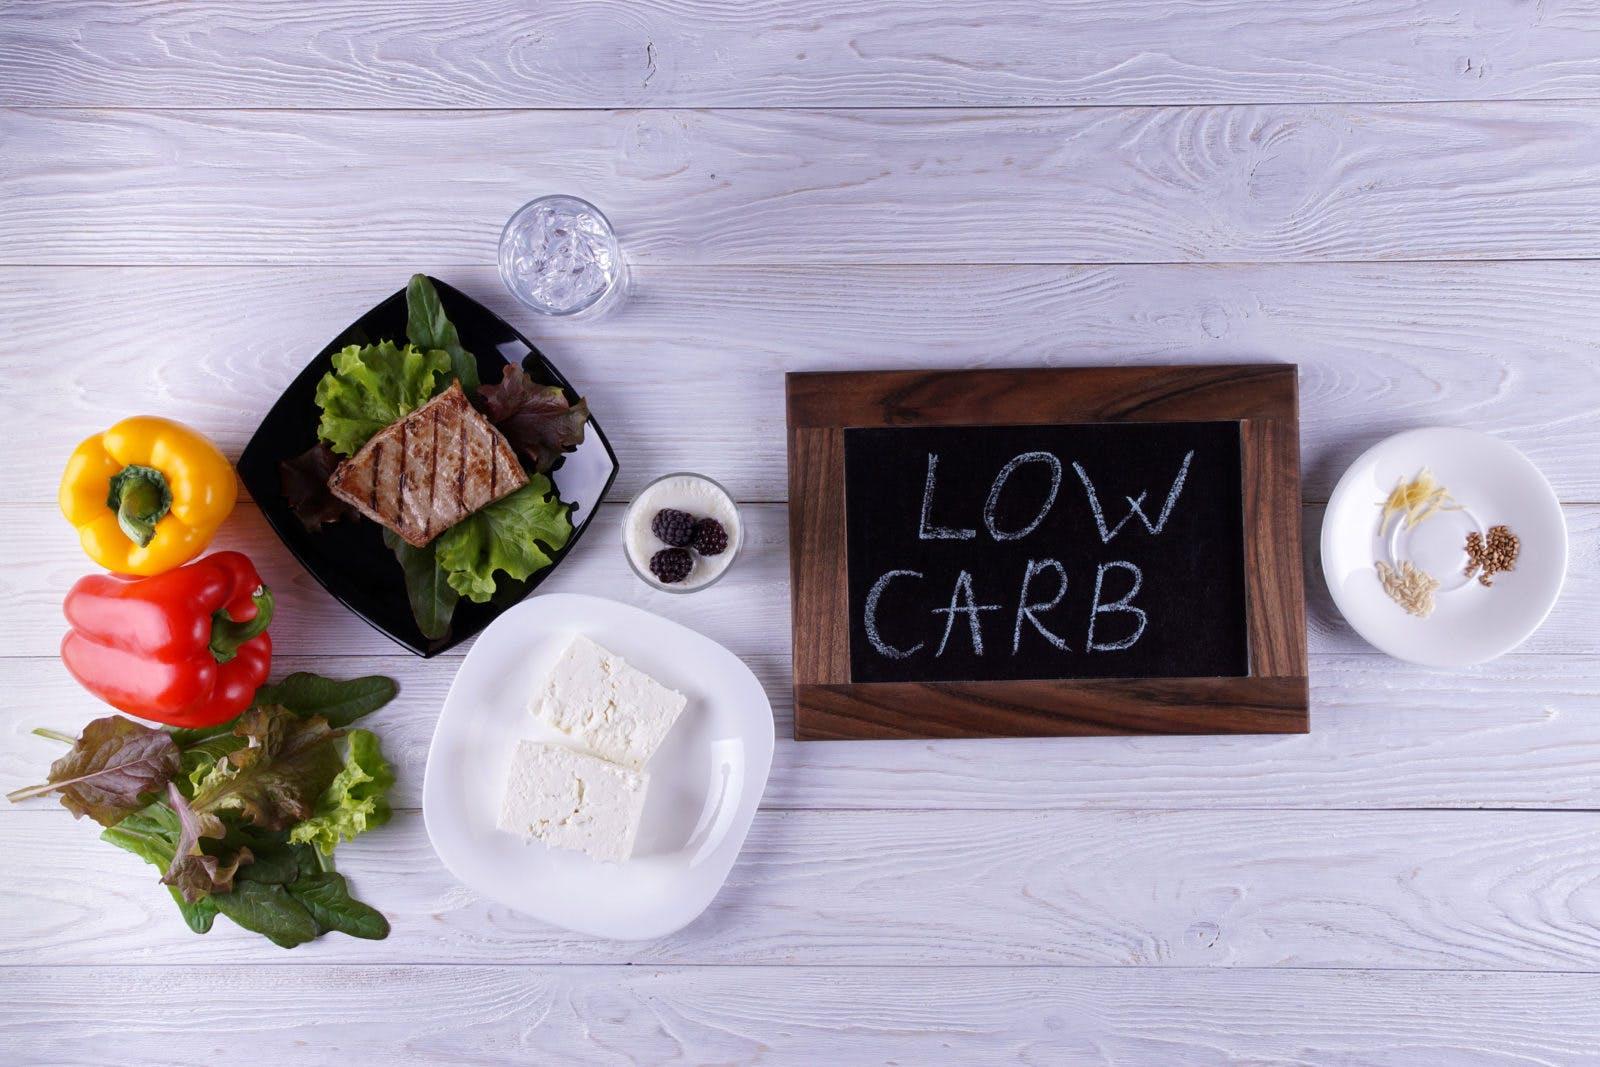 Ny studie: Lågkolhydratkost slår kaloribegränsning när det gäller att reversera typ 2-diabetes